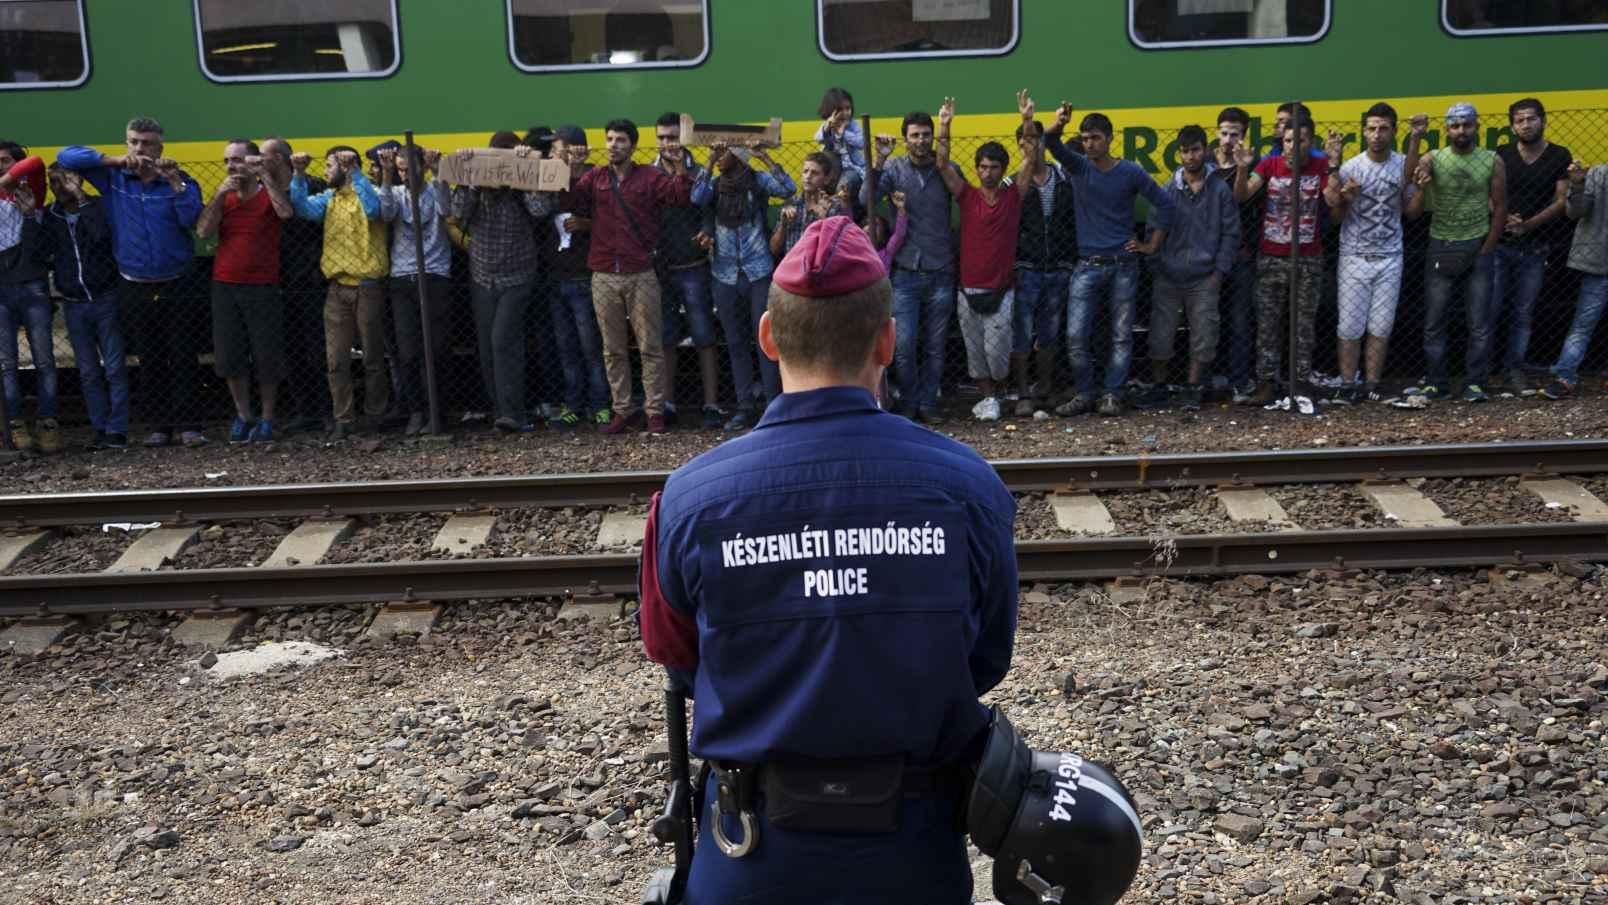 Avrupalılar Müslüman göçmen istemiyor